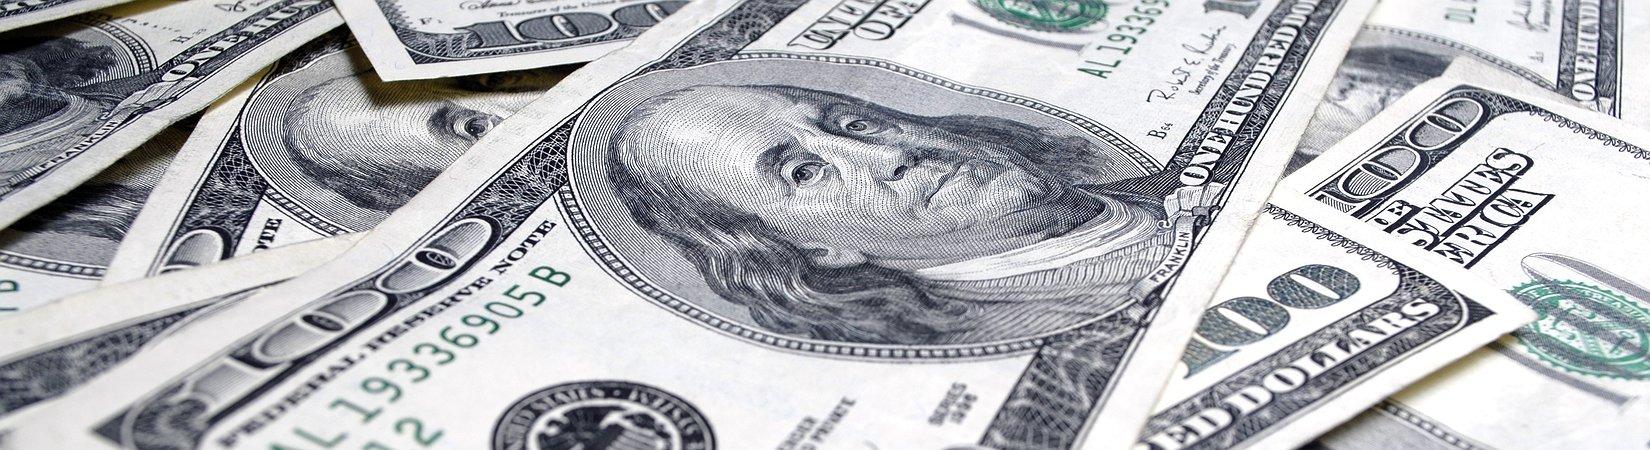 Инвестиции России в госдолг США выросли на $13,5 млрд